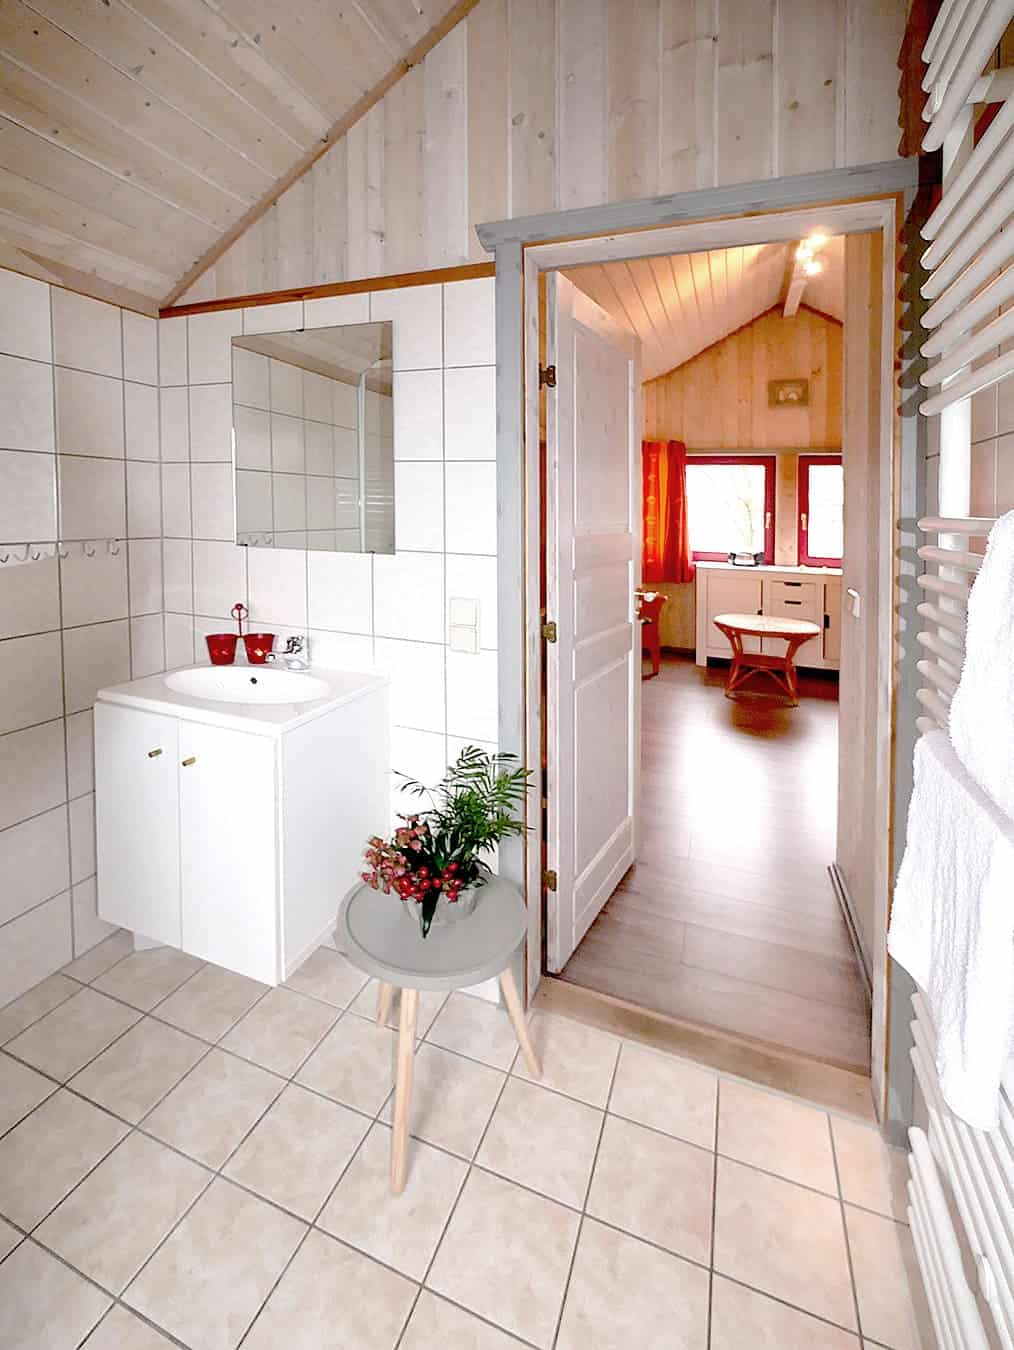 zweites Badezimmer im Ferienhaus Seeperle / Seerose im Ferienpark Scharmützelsee in Brandenburg